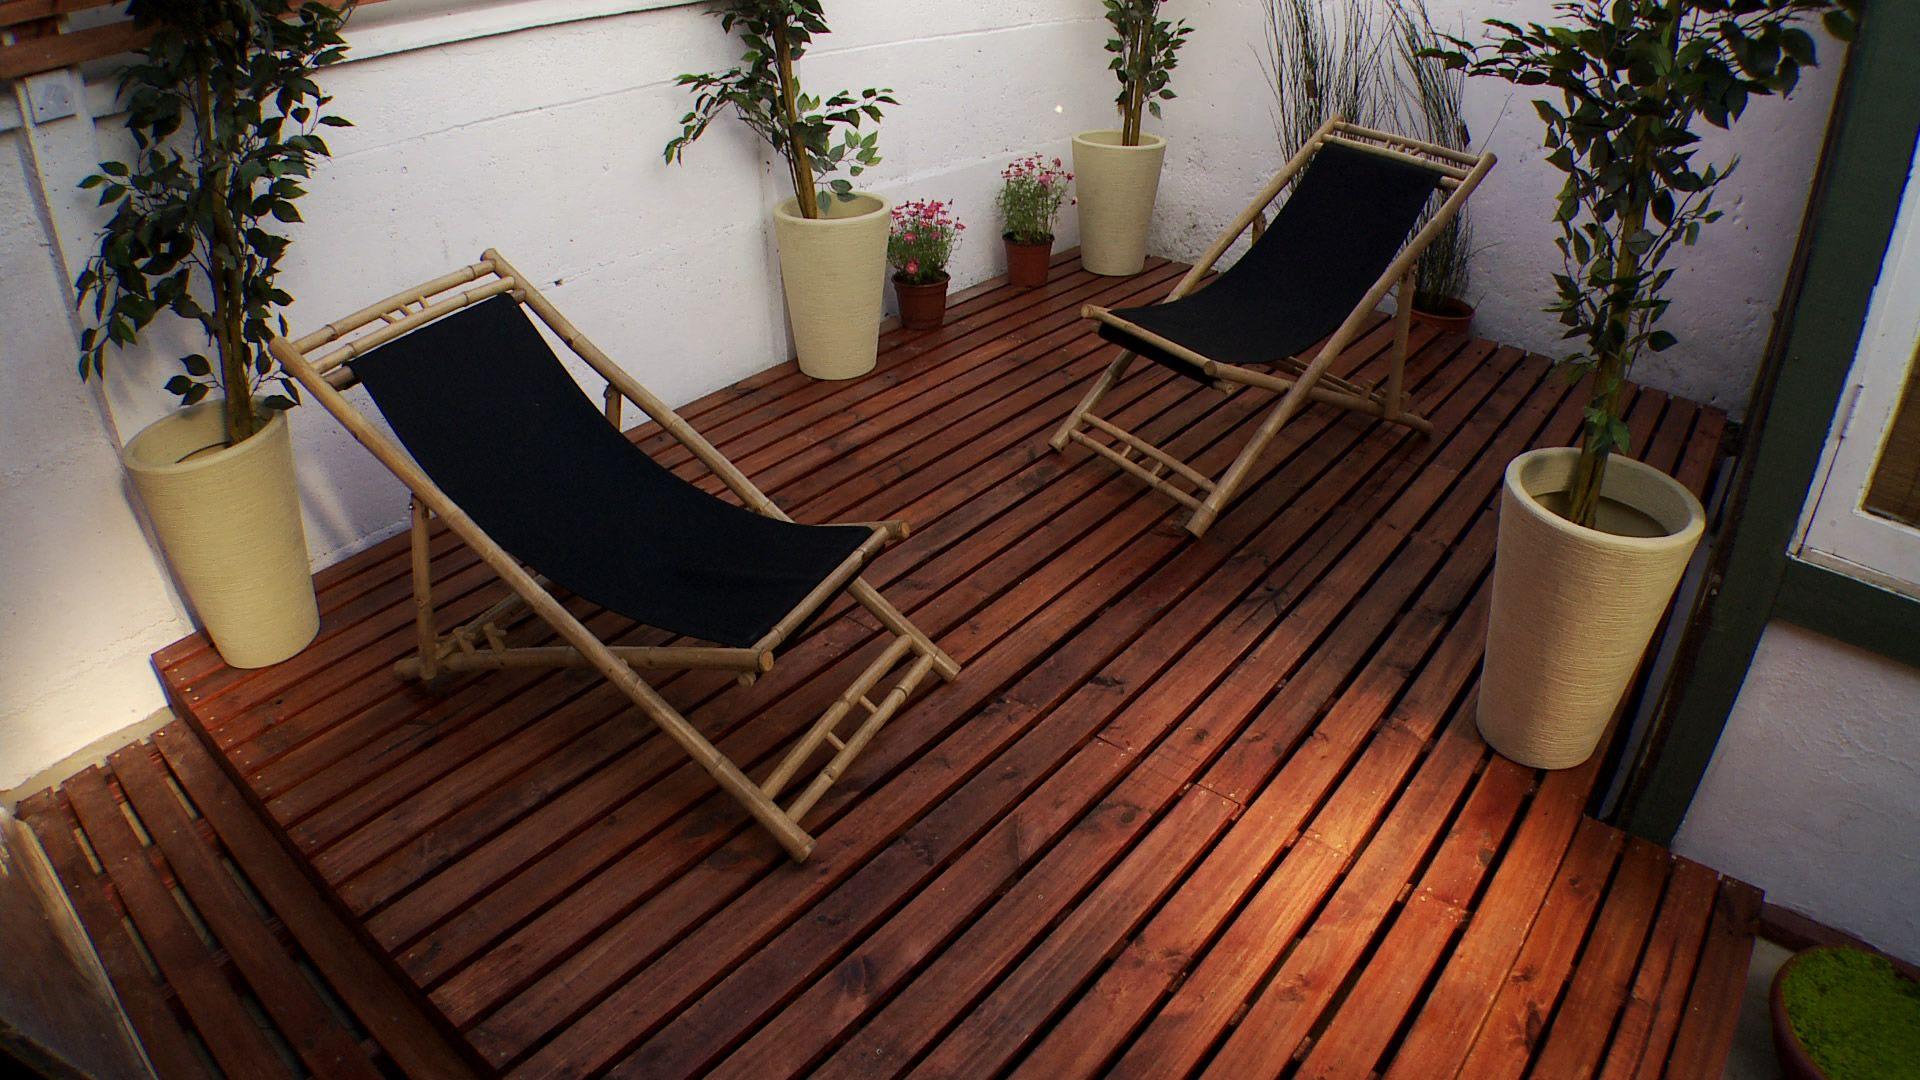 Un deck es una terraza de madera que puede estar elevada - Construir una terraza ...